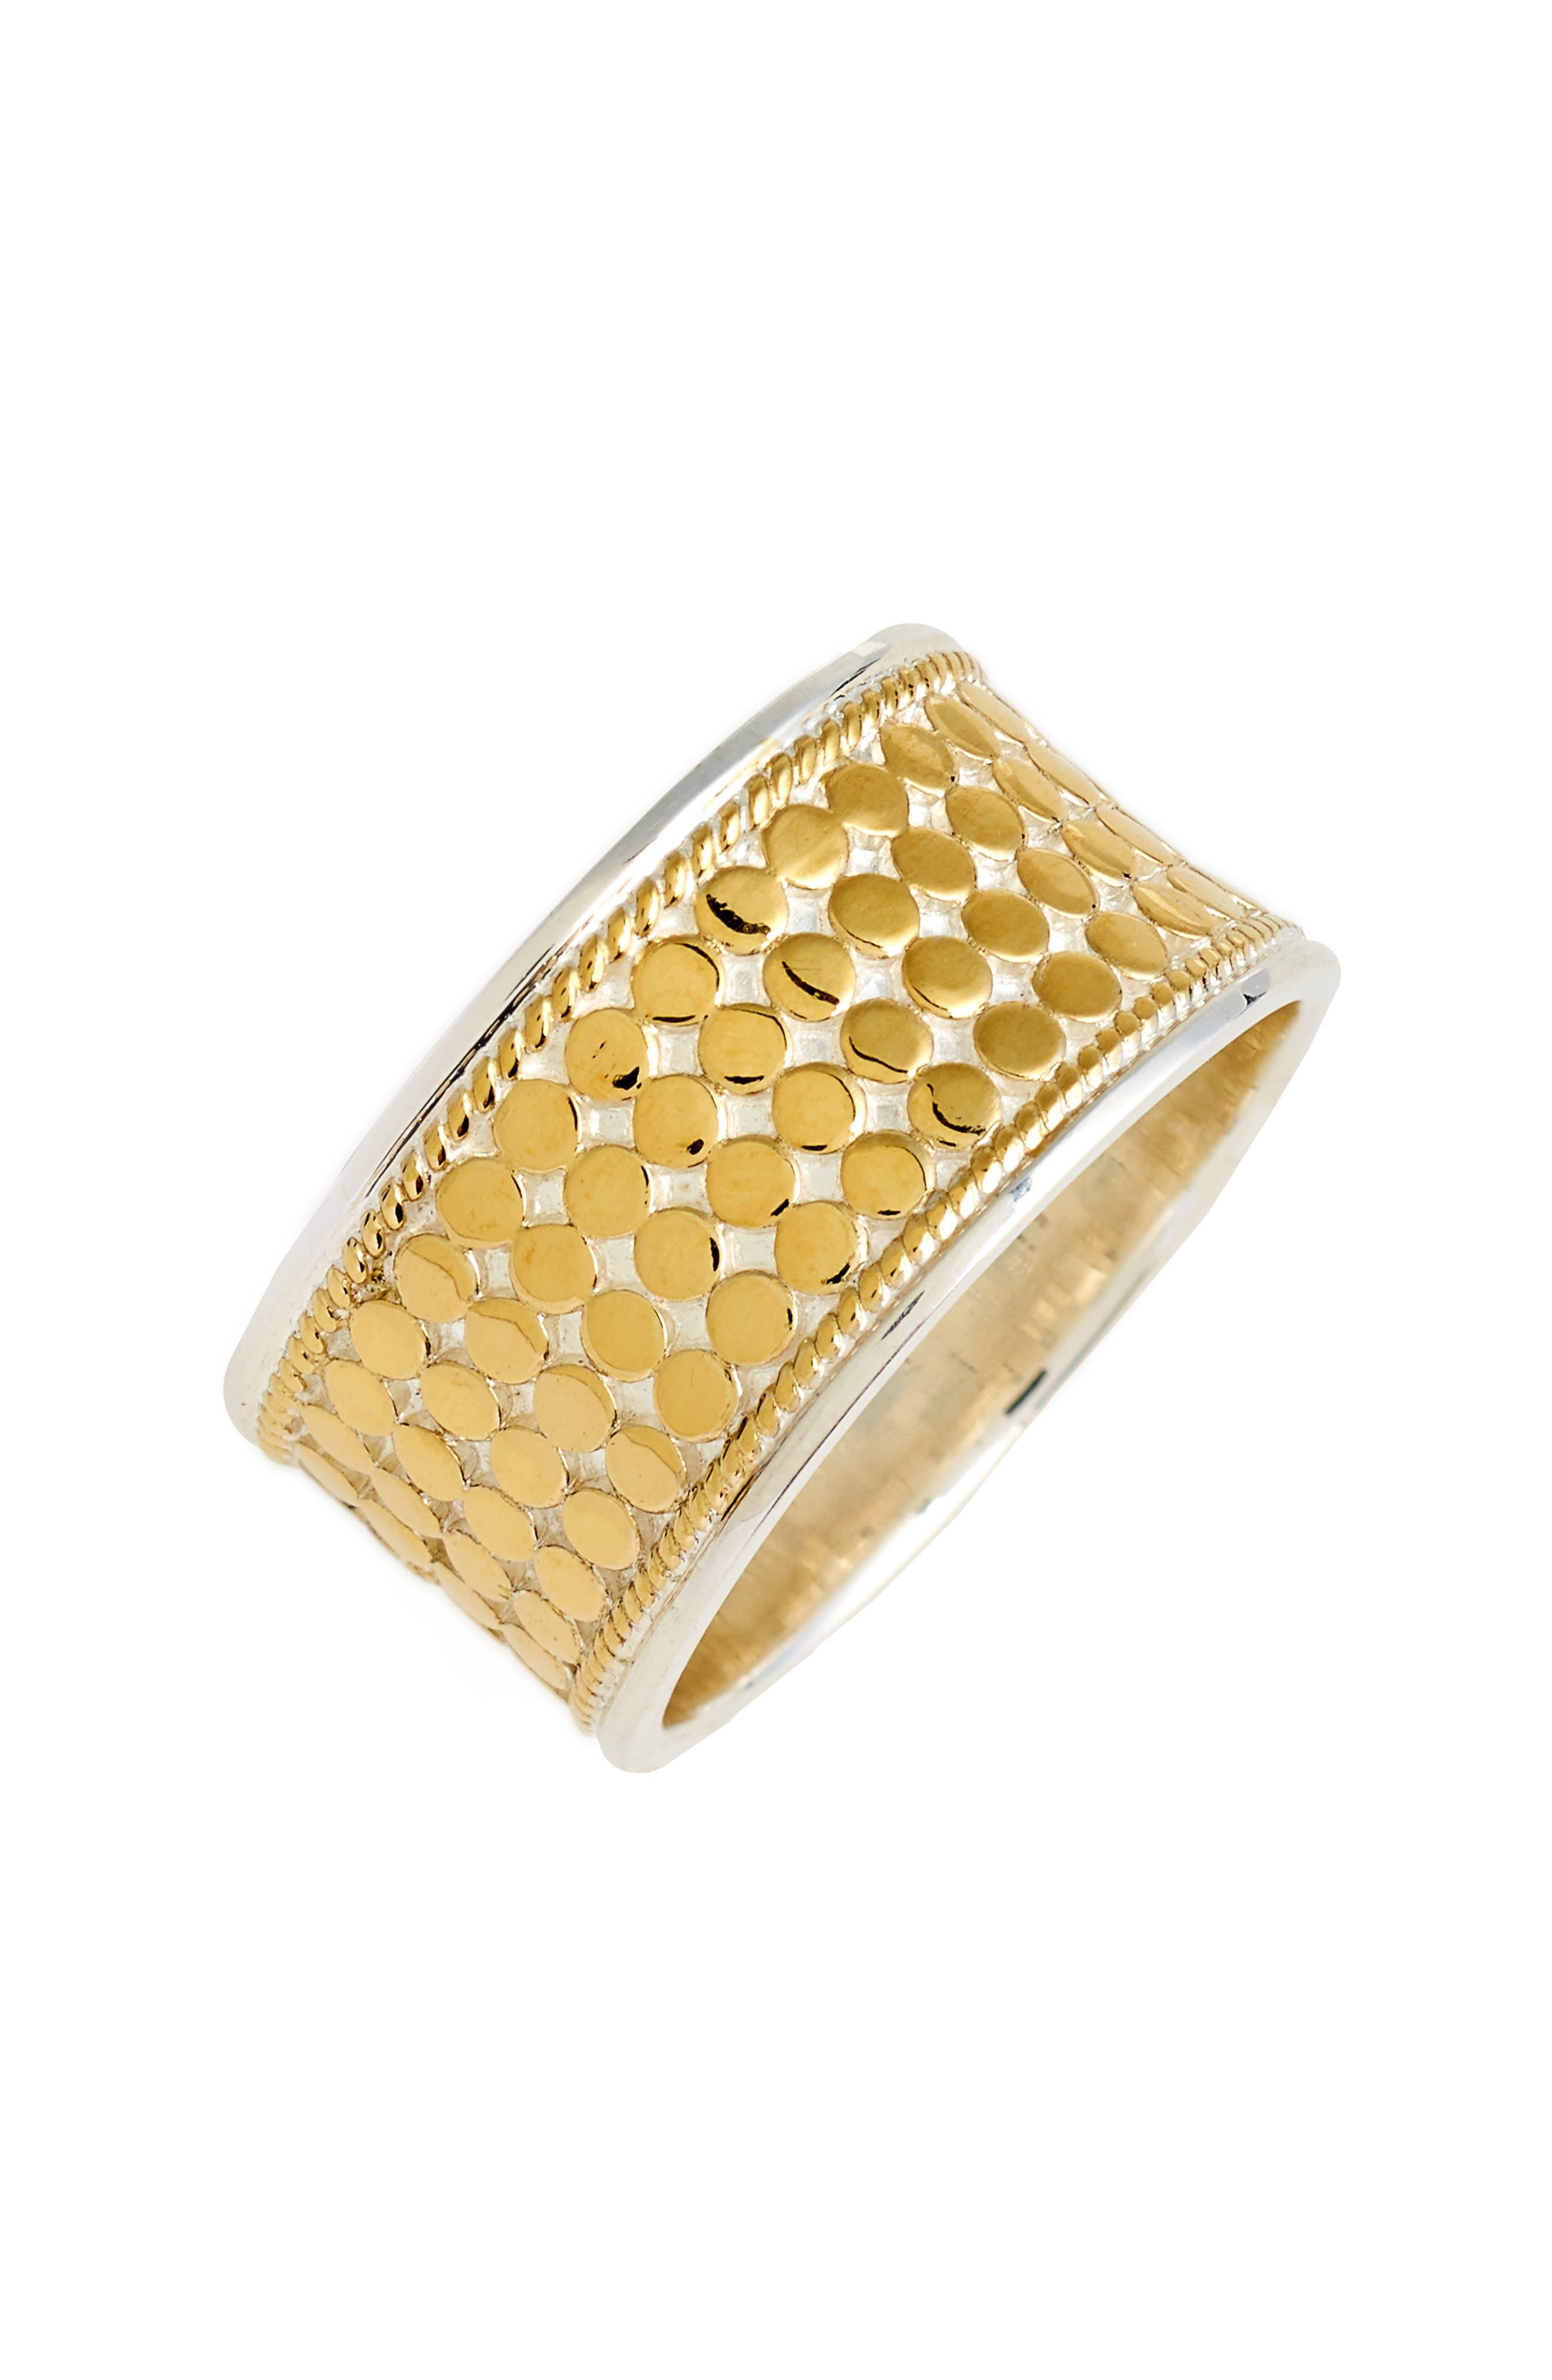 Vermeil Cigar Band Ring,                             Main thumbnail 1, color,                             Gold